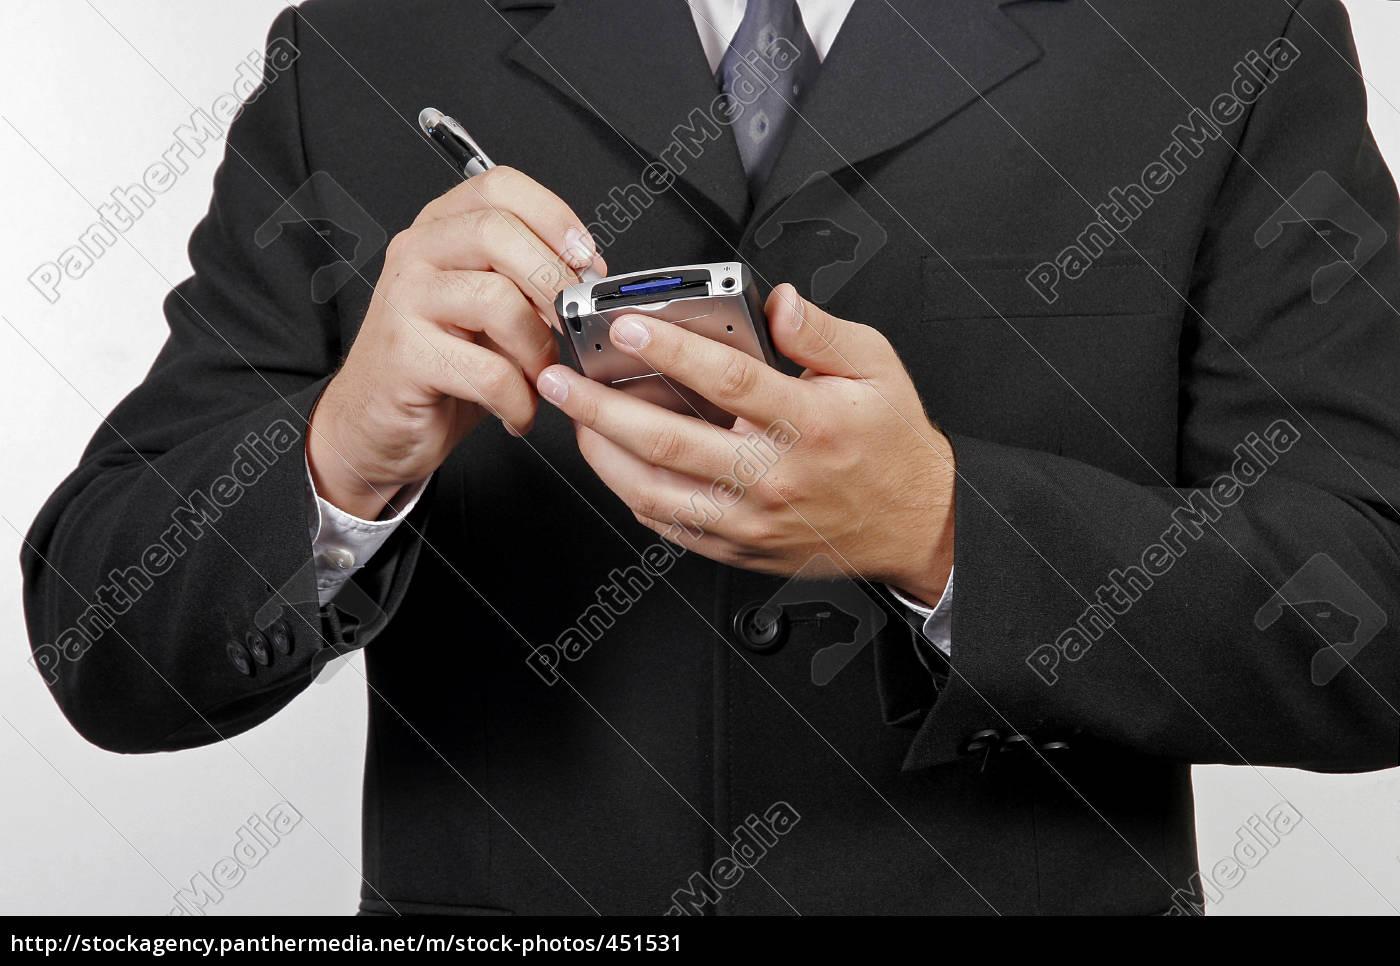 pda, stylus - 451531